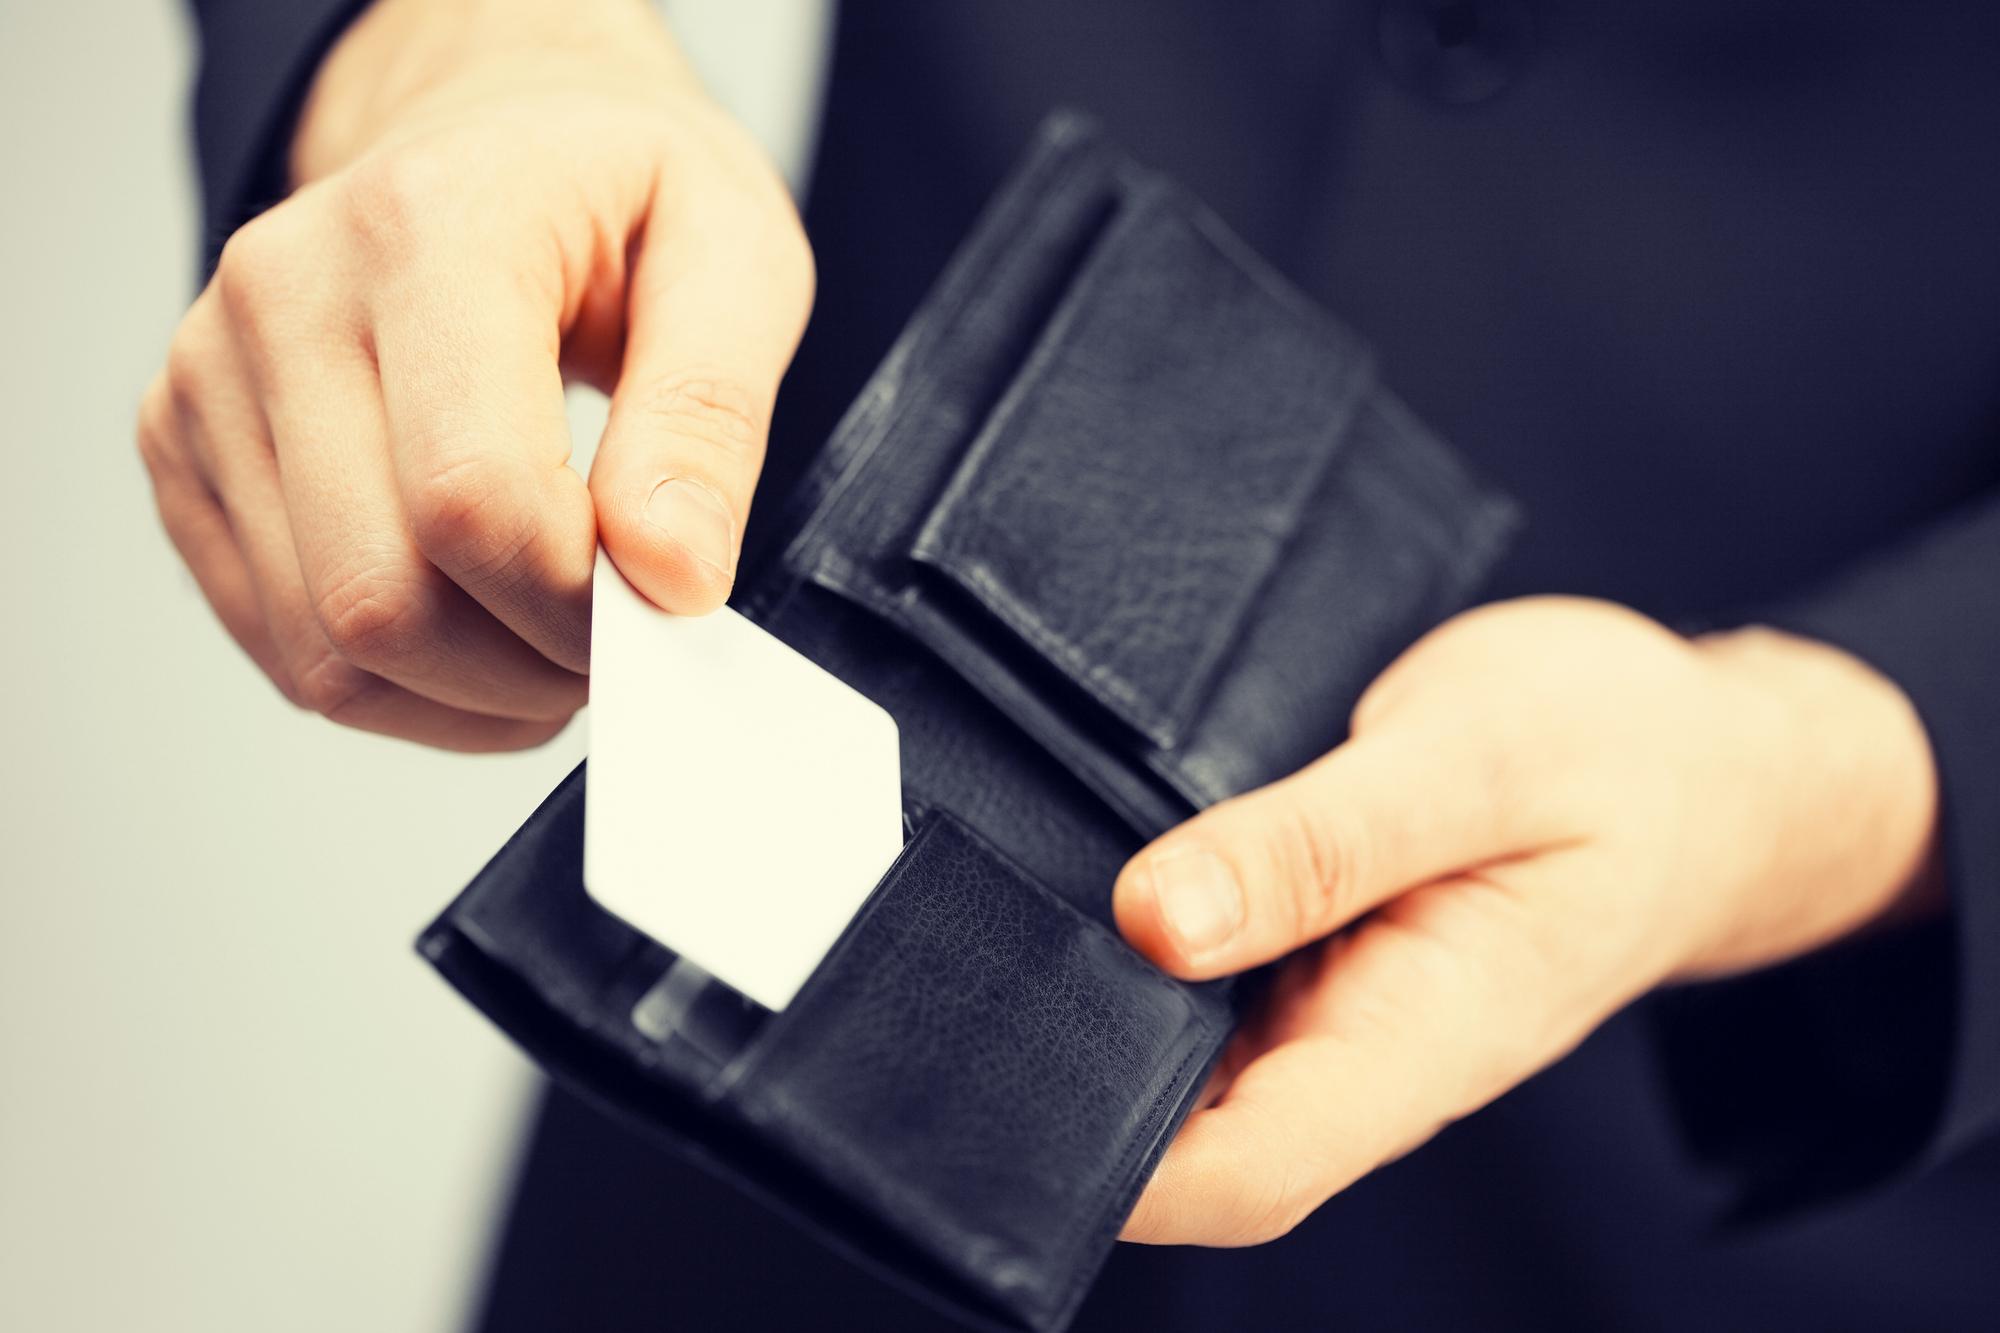 個人事業主必見!収入証明不要でカードローンを借りる方法とは